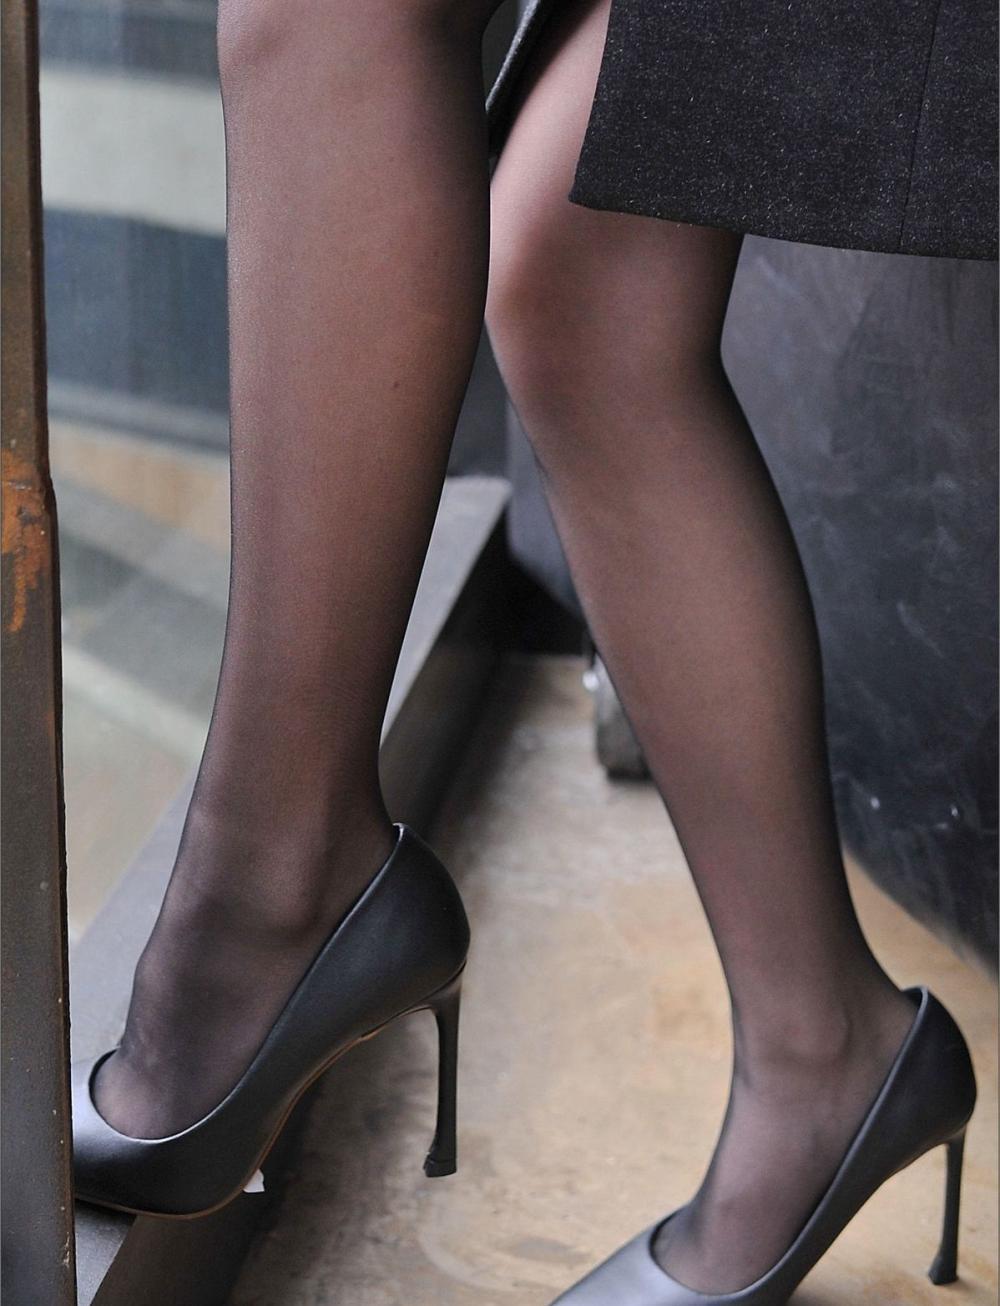 在秋季穿上丝袜和紧身裤, 才是诠释美丽的最好方式